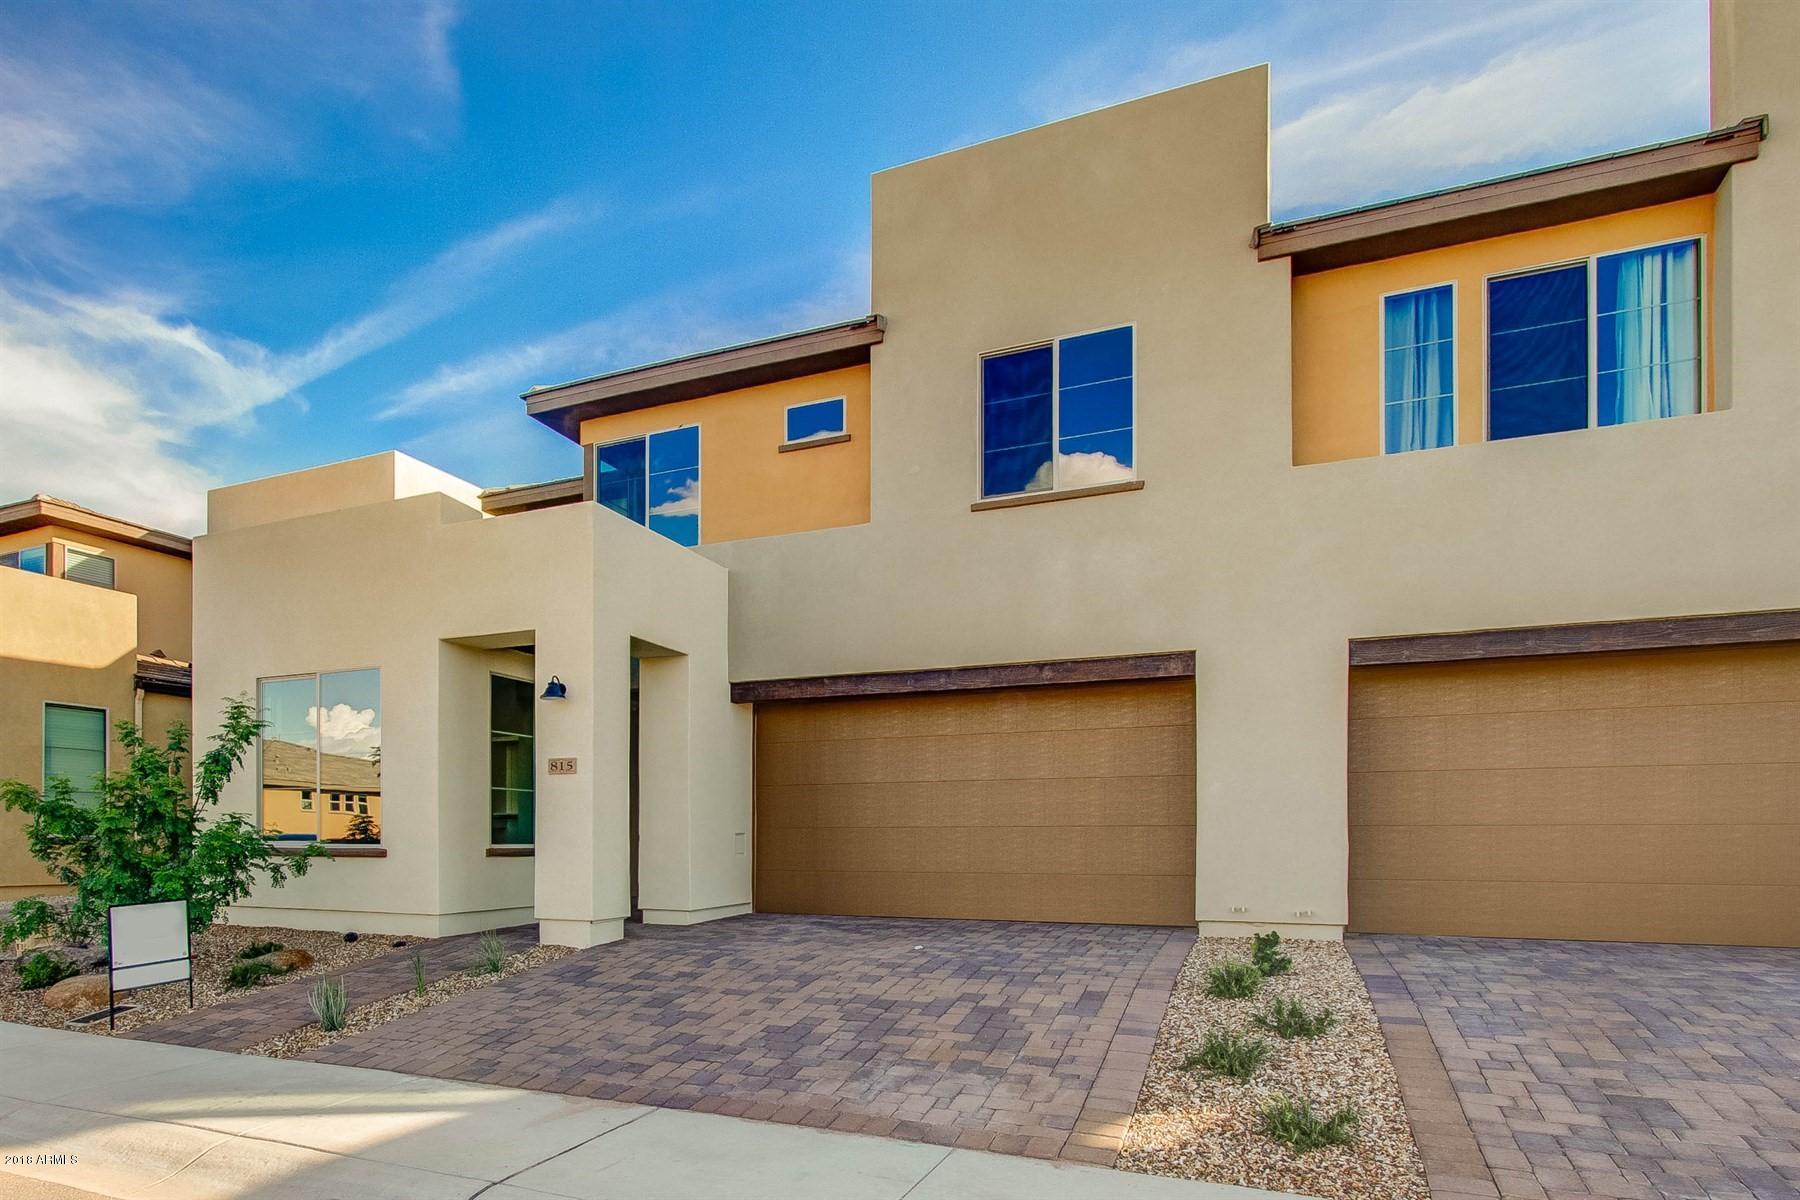 Photo of 815 E Cobble Stone Drive, San Tan Valley, AZ 85140